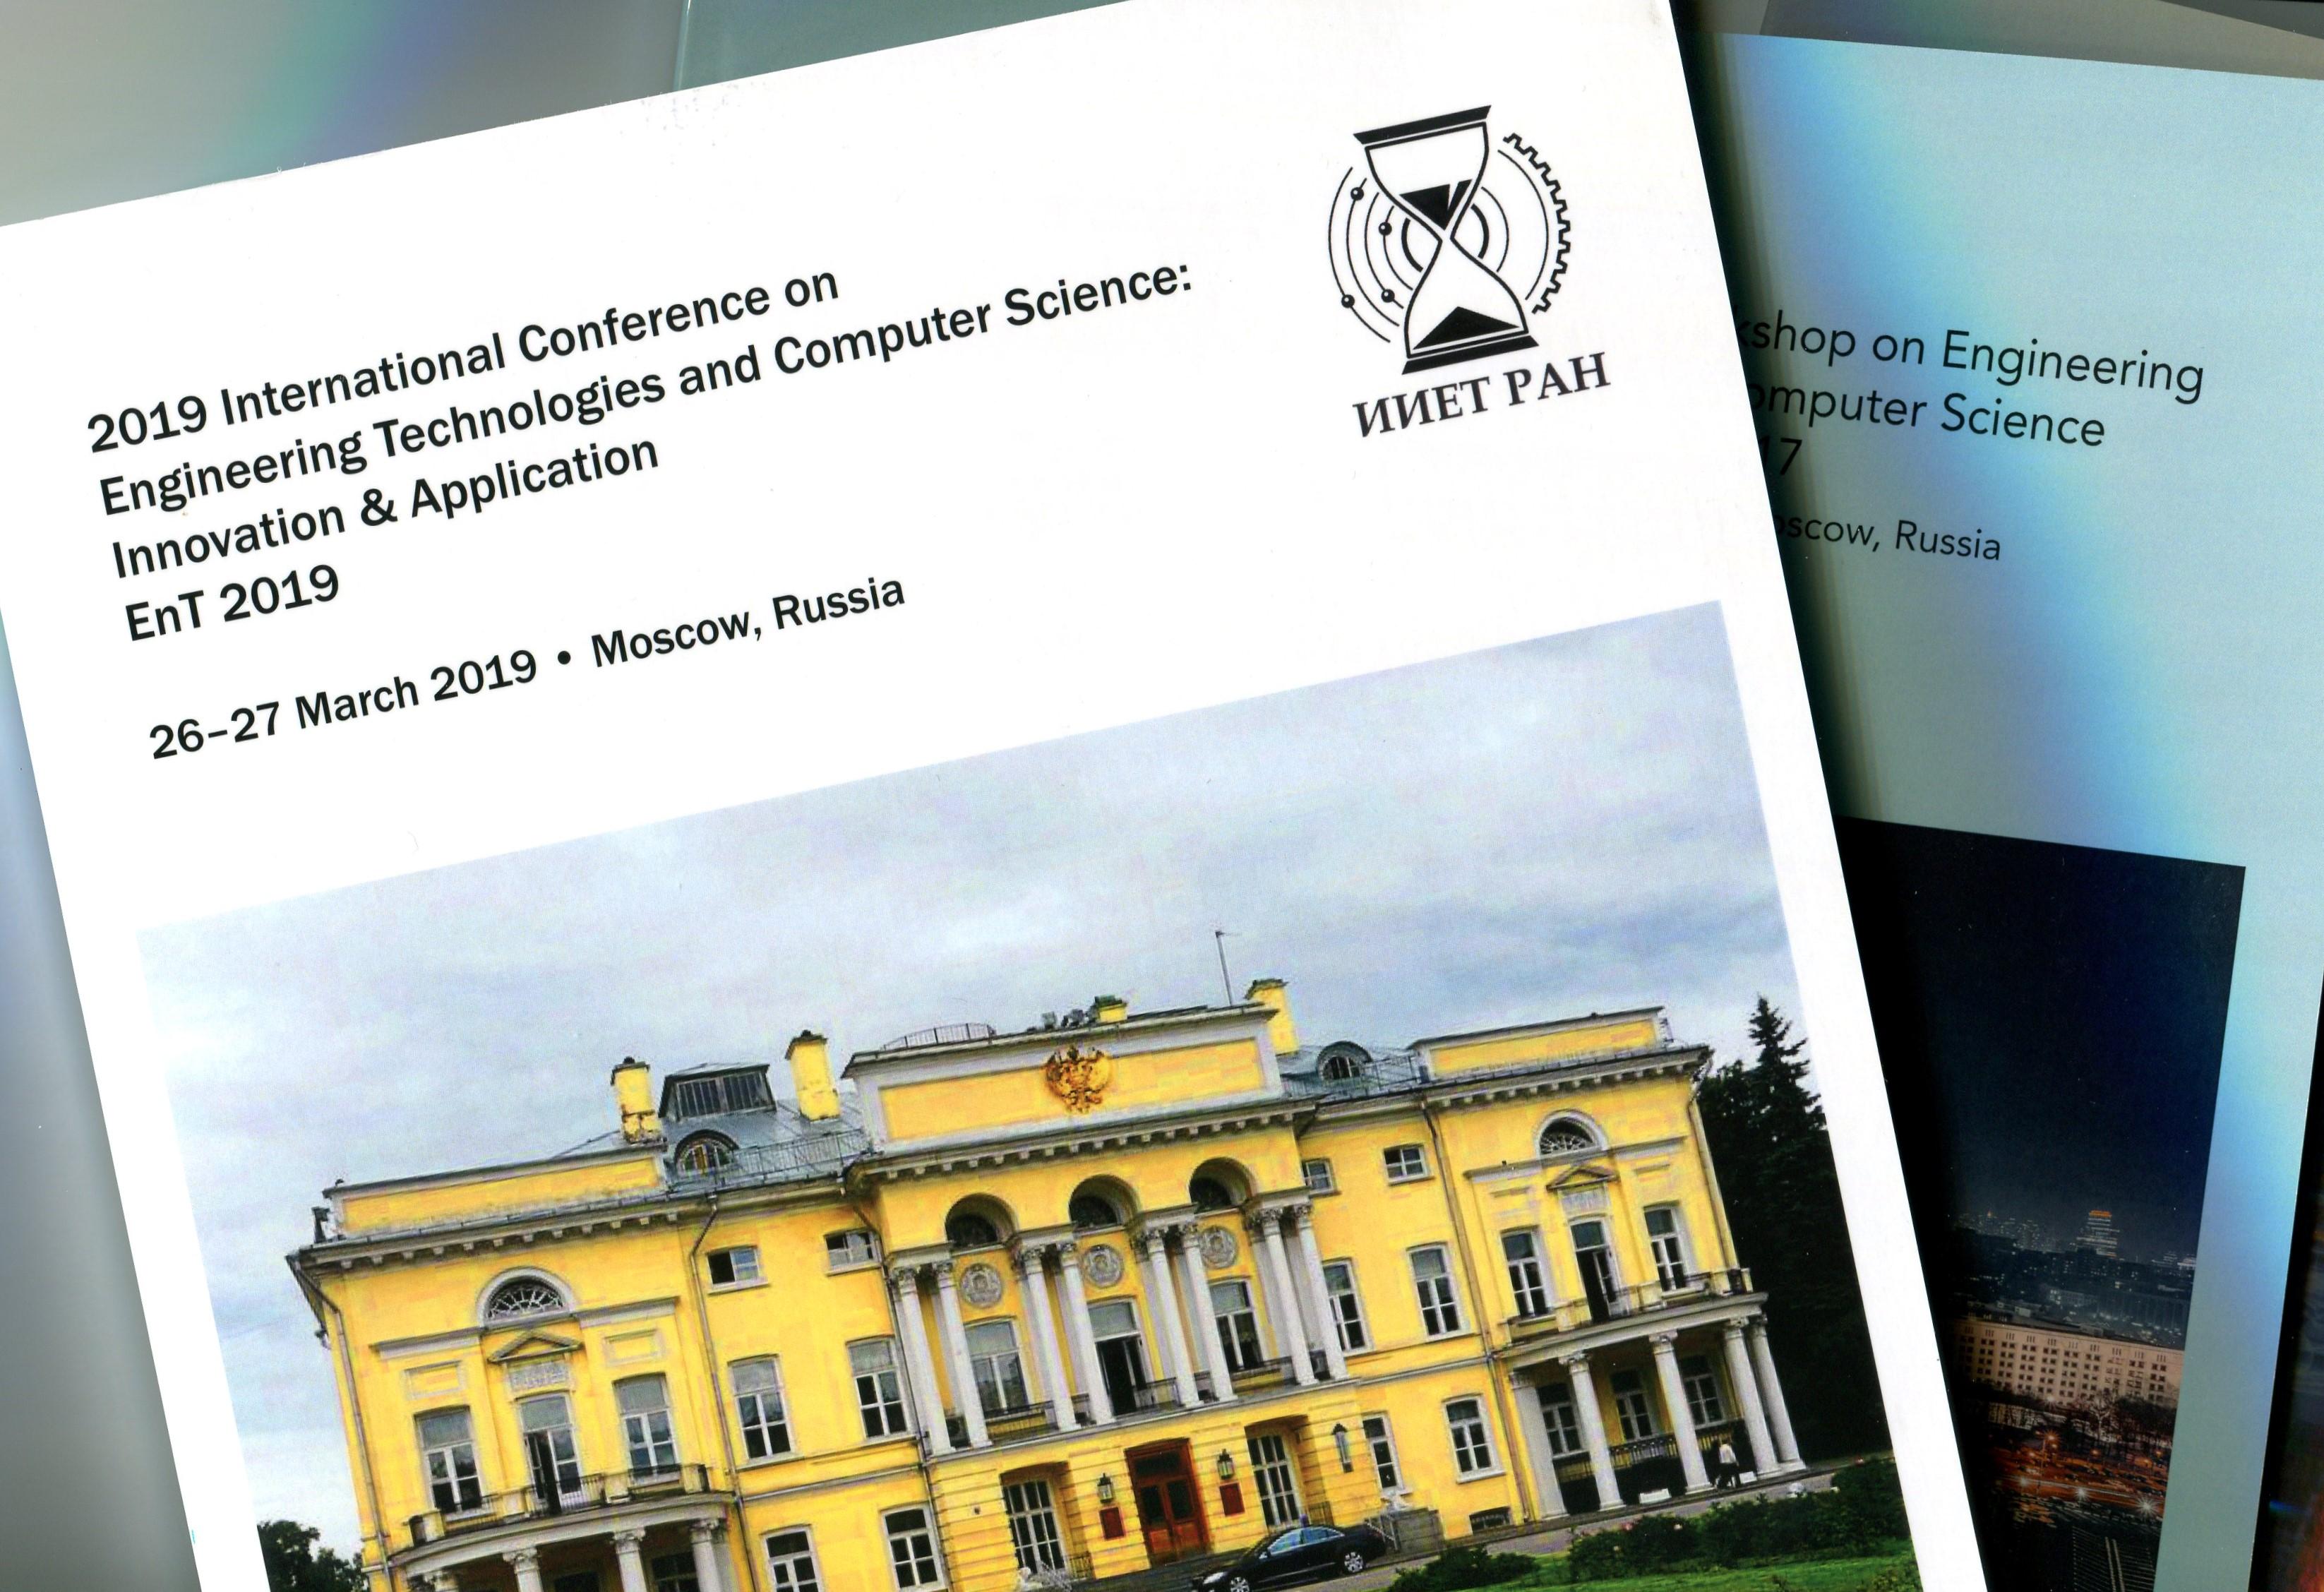 Вышел сборник трудов конференции EnT-2019